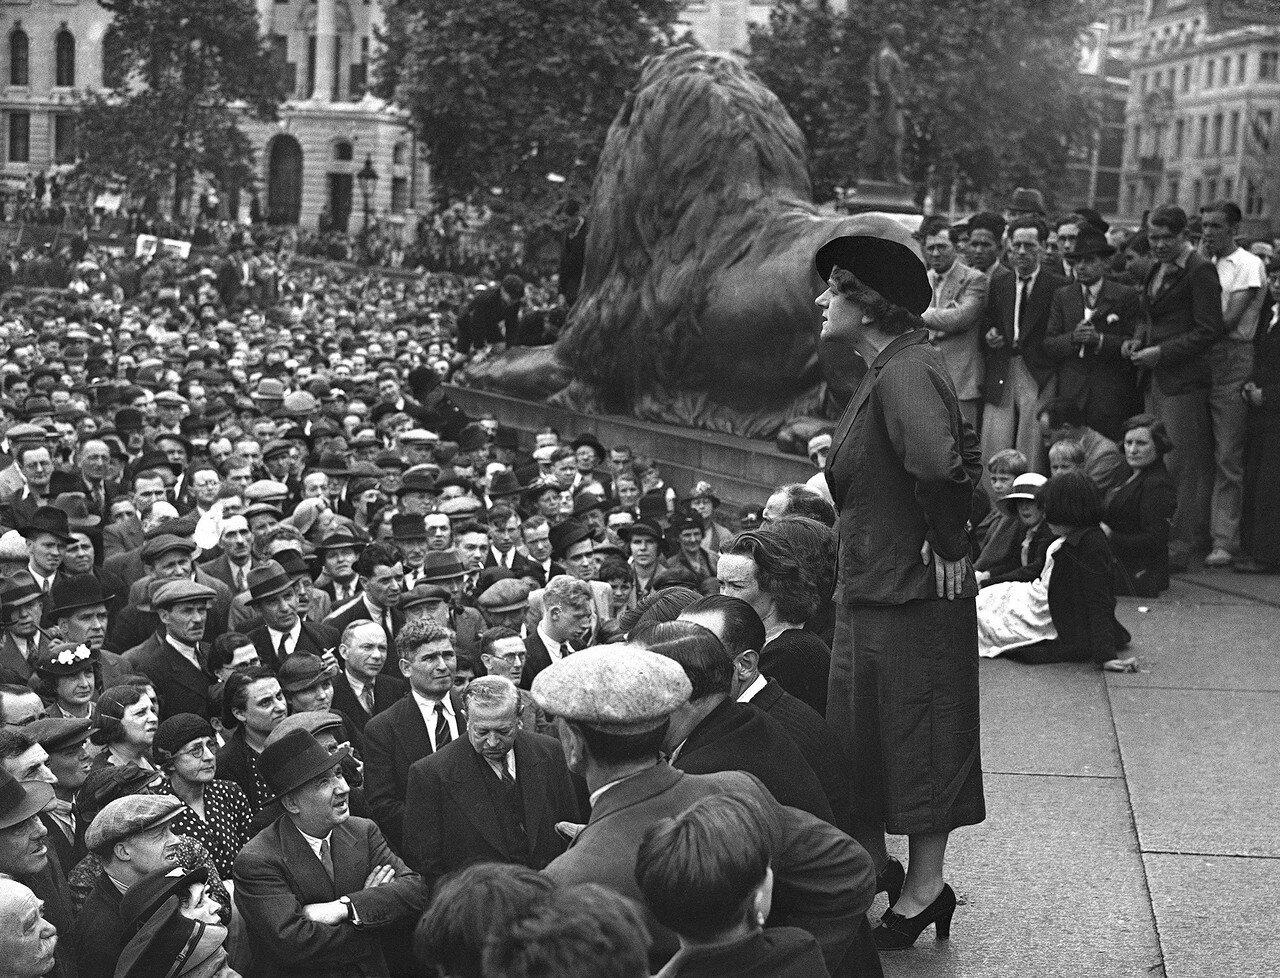 1937. 11 июля. Мисс Эллен Уилкинсон, депутат парламента от лейбористской партии,  выступает на Трафальгарской площади во время большой демонстрации в поддержку международной политики лейбористов по Испании